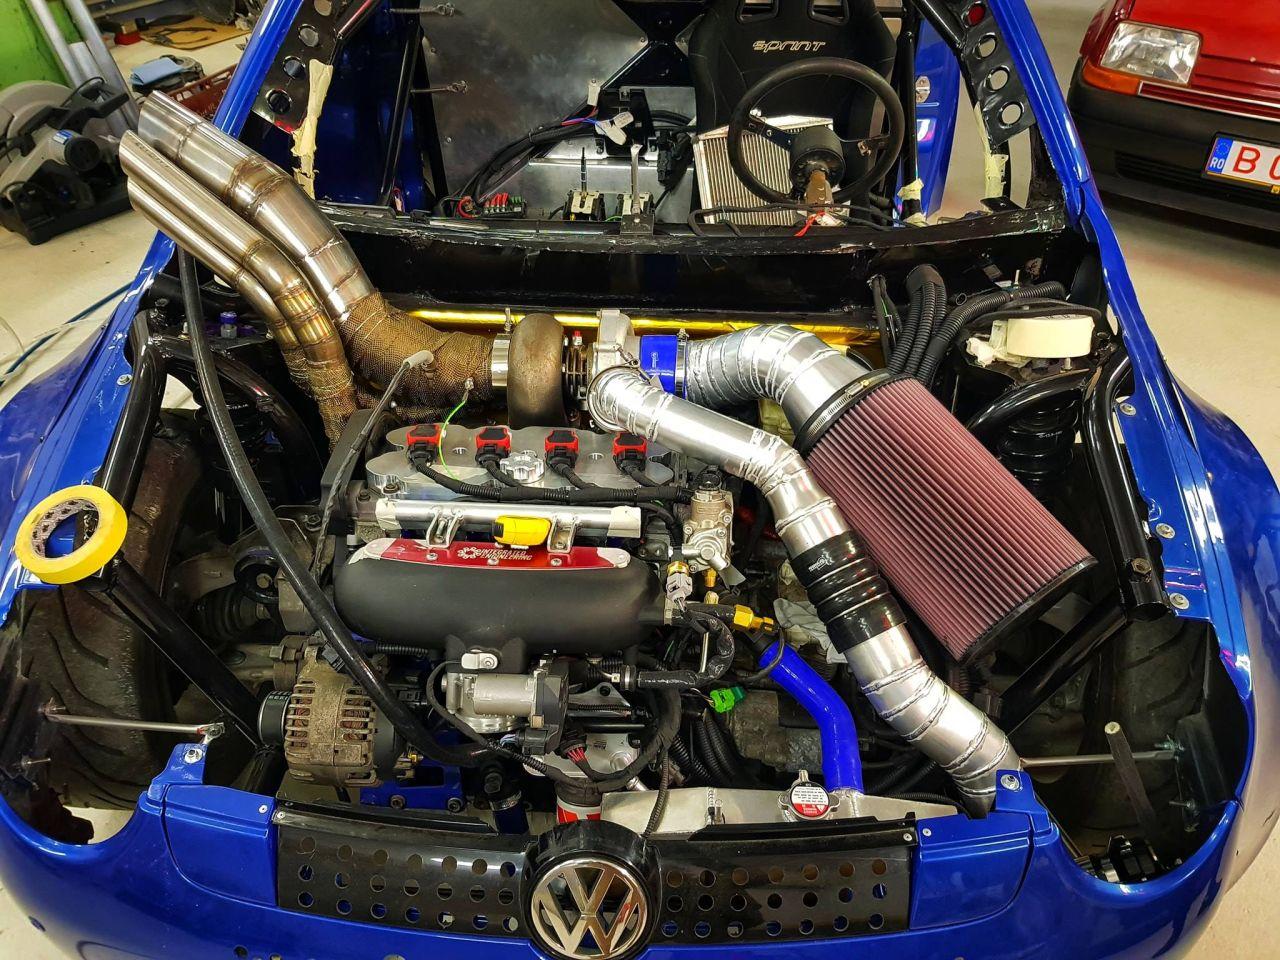 VW Lupo Dragster 2 moteurs - Mamie avait raison ! 15